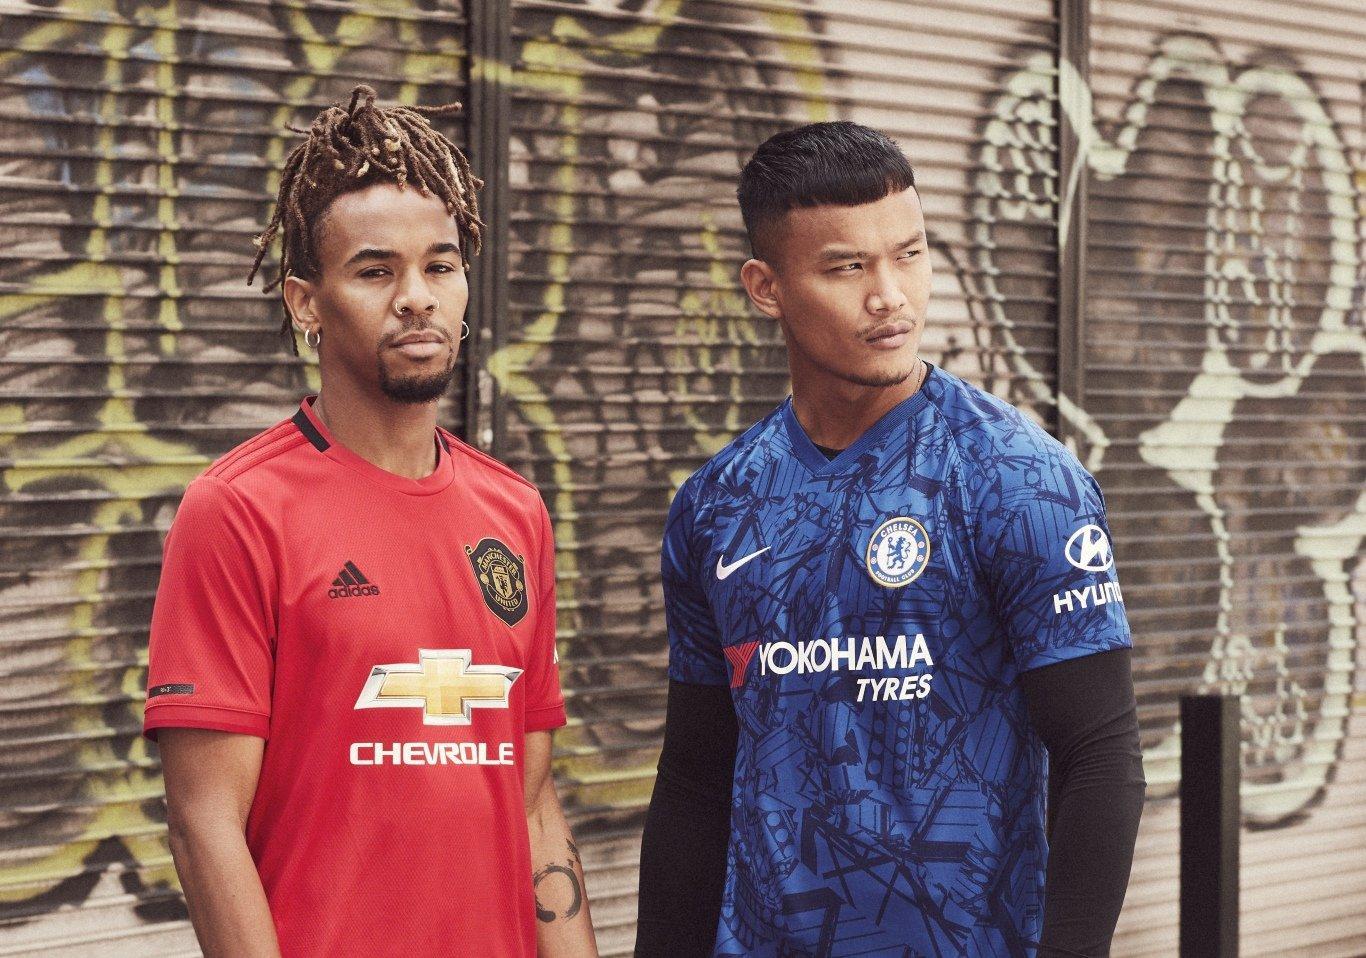 Equipaciones del Manchester United y Chelsea